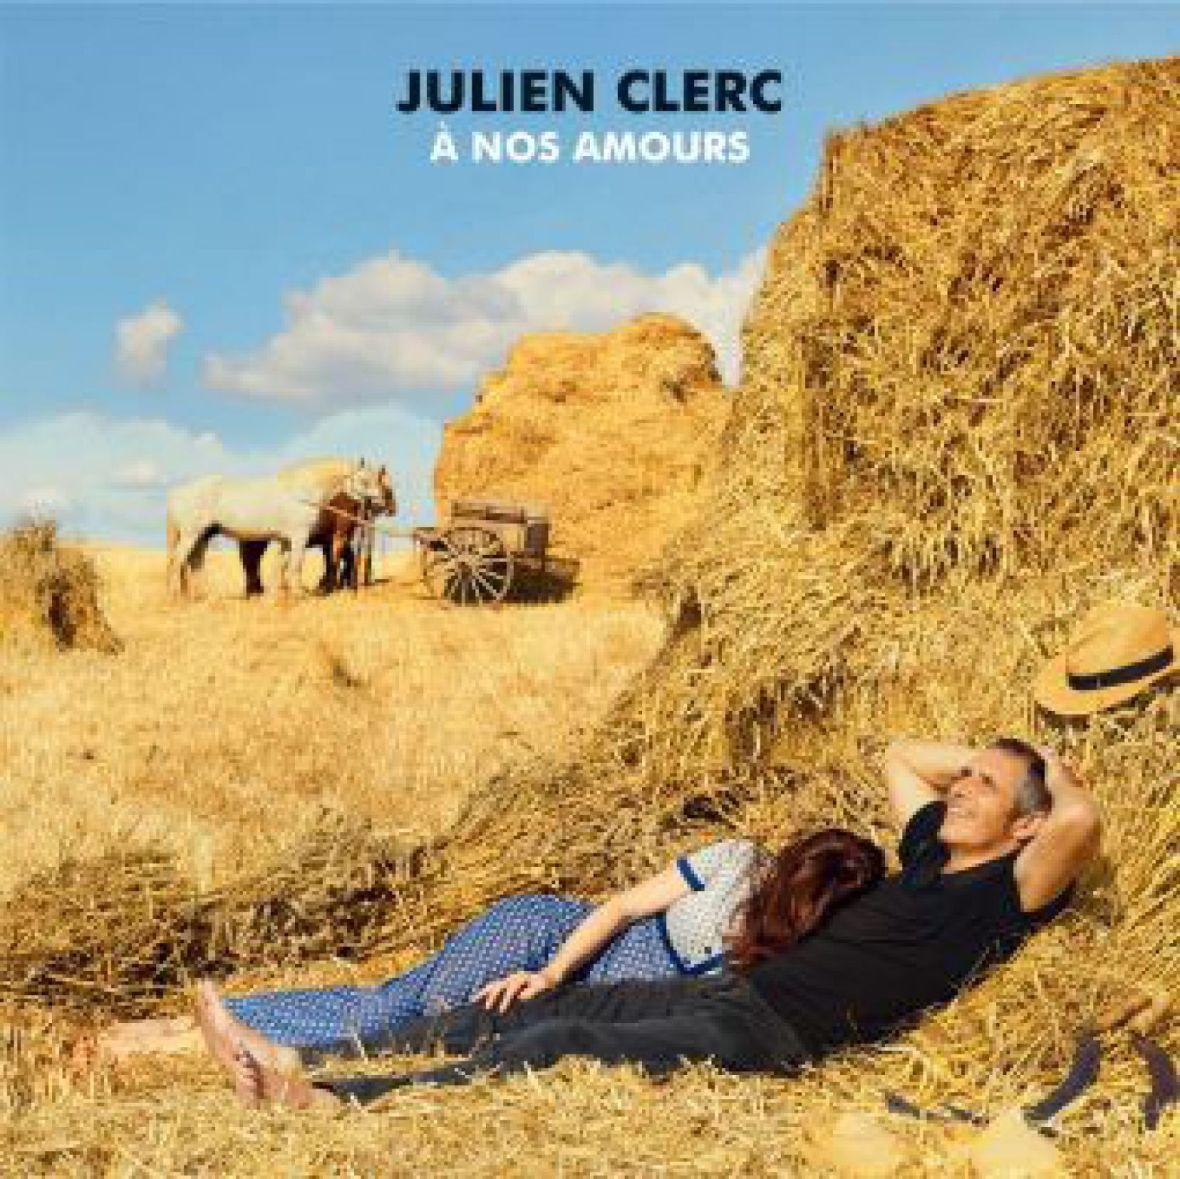 Julien Clerc - A Nos Amours